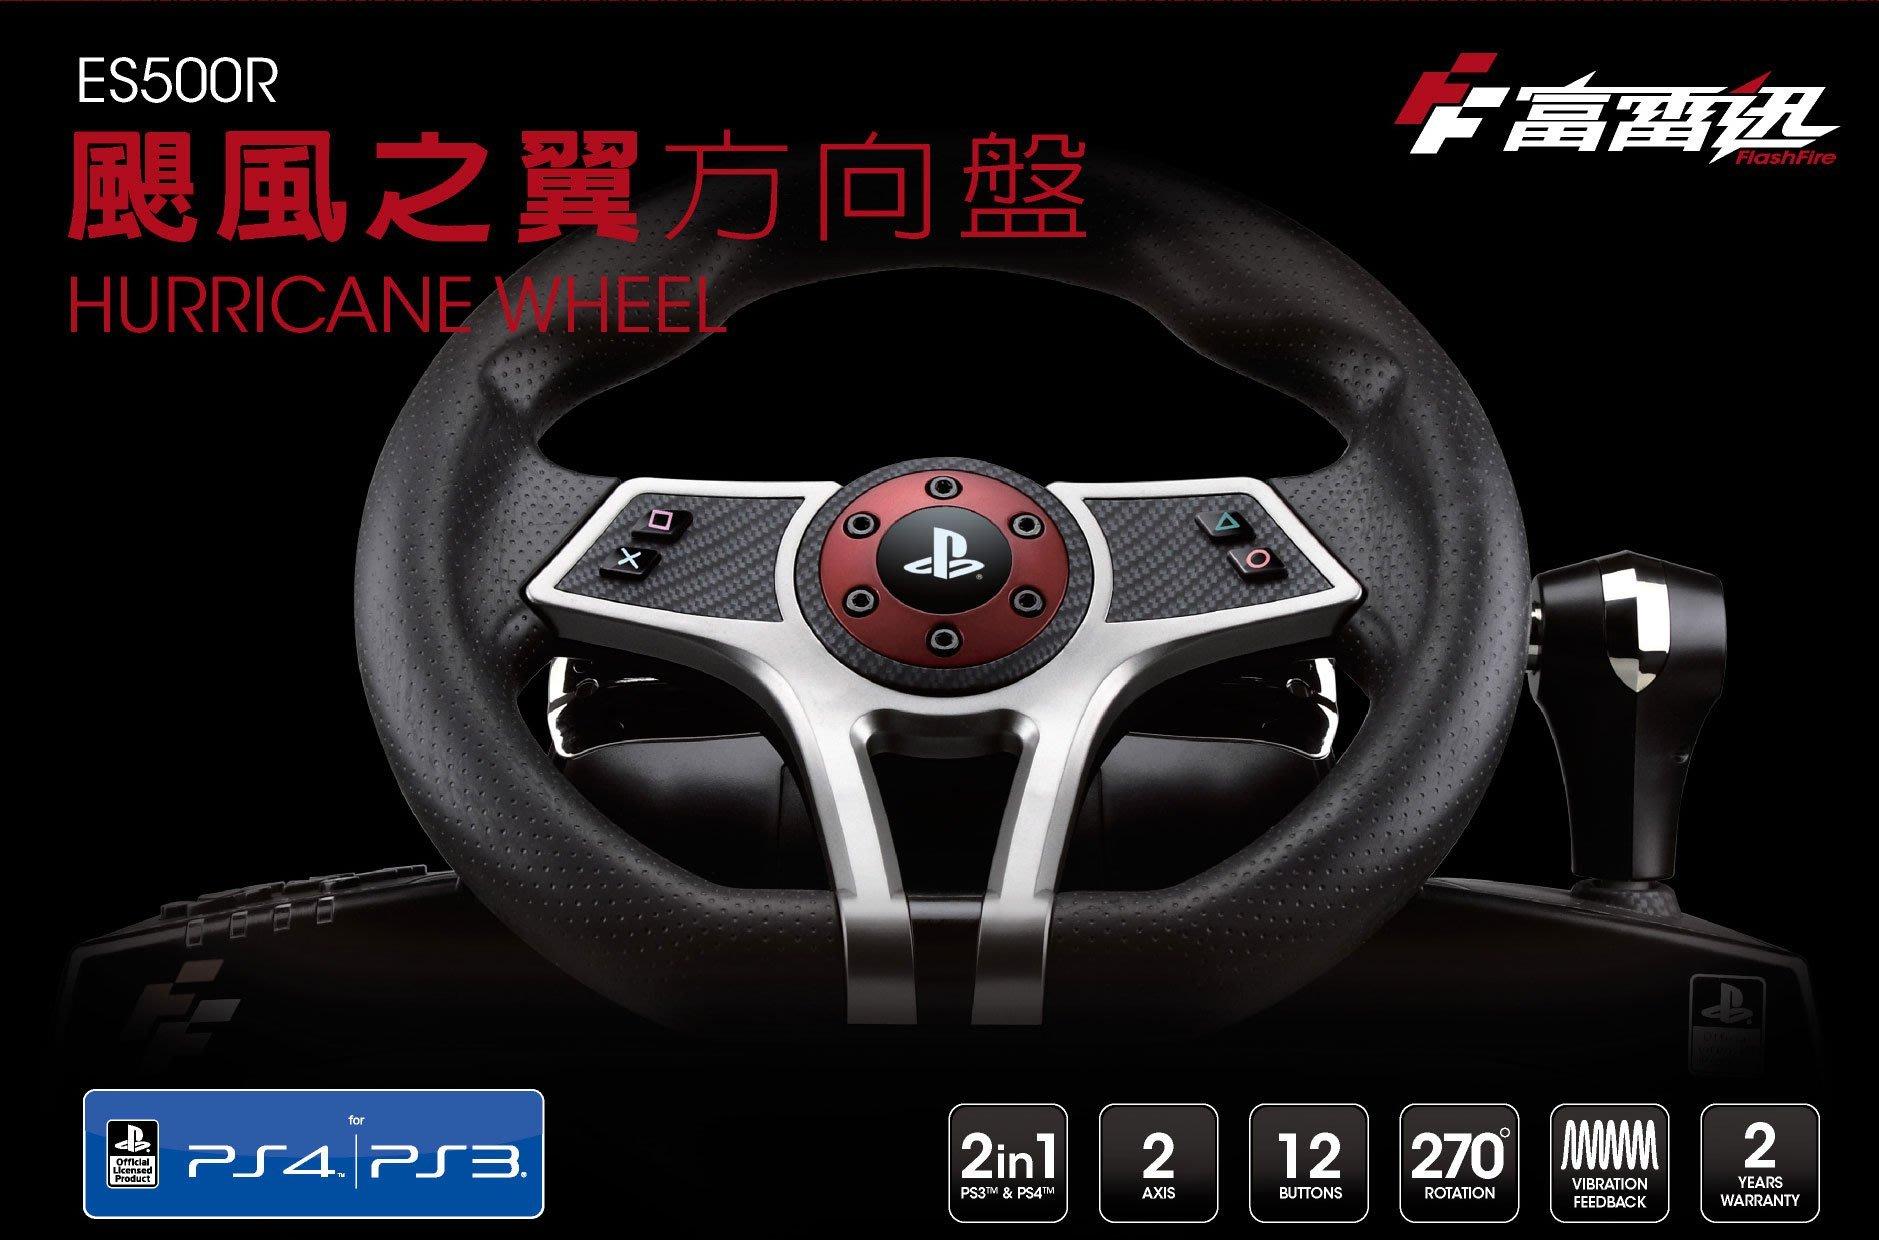 (現貨全新) FlashFire 富雷迅 颶風之翼 賽車方向盤 支援PS4&PS3所有賽車遊戲 ES500R